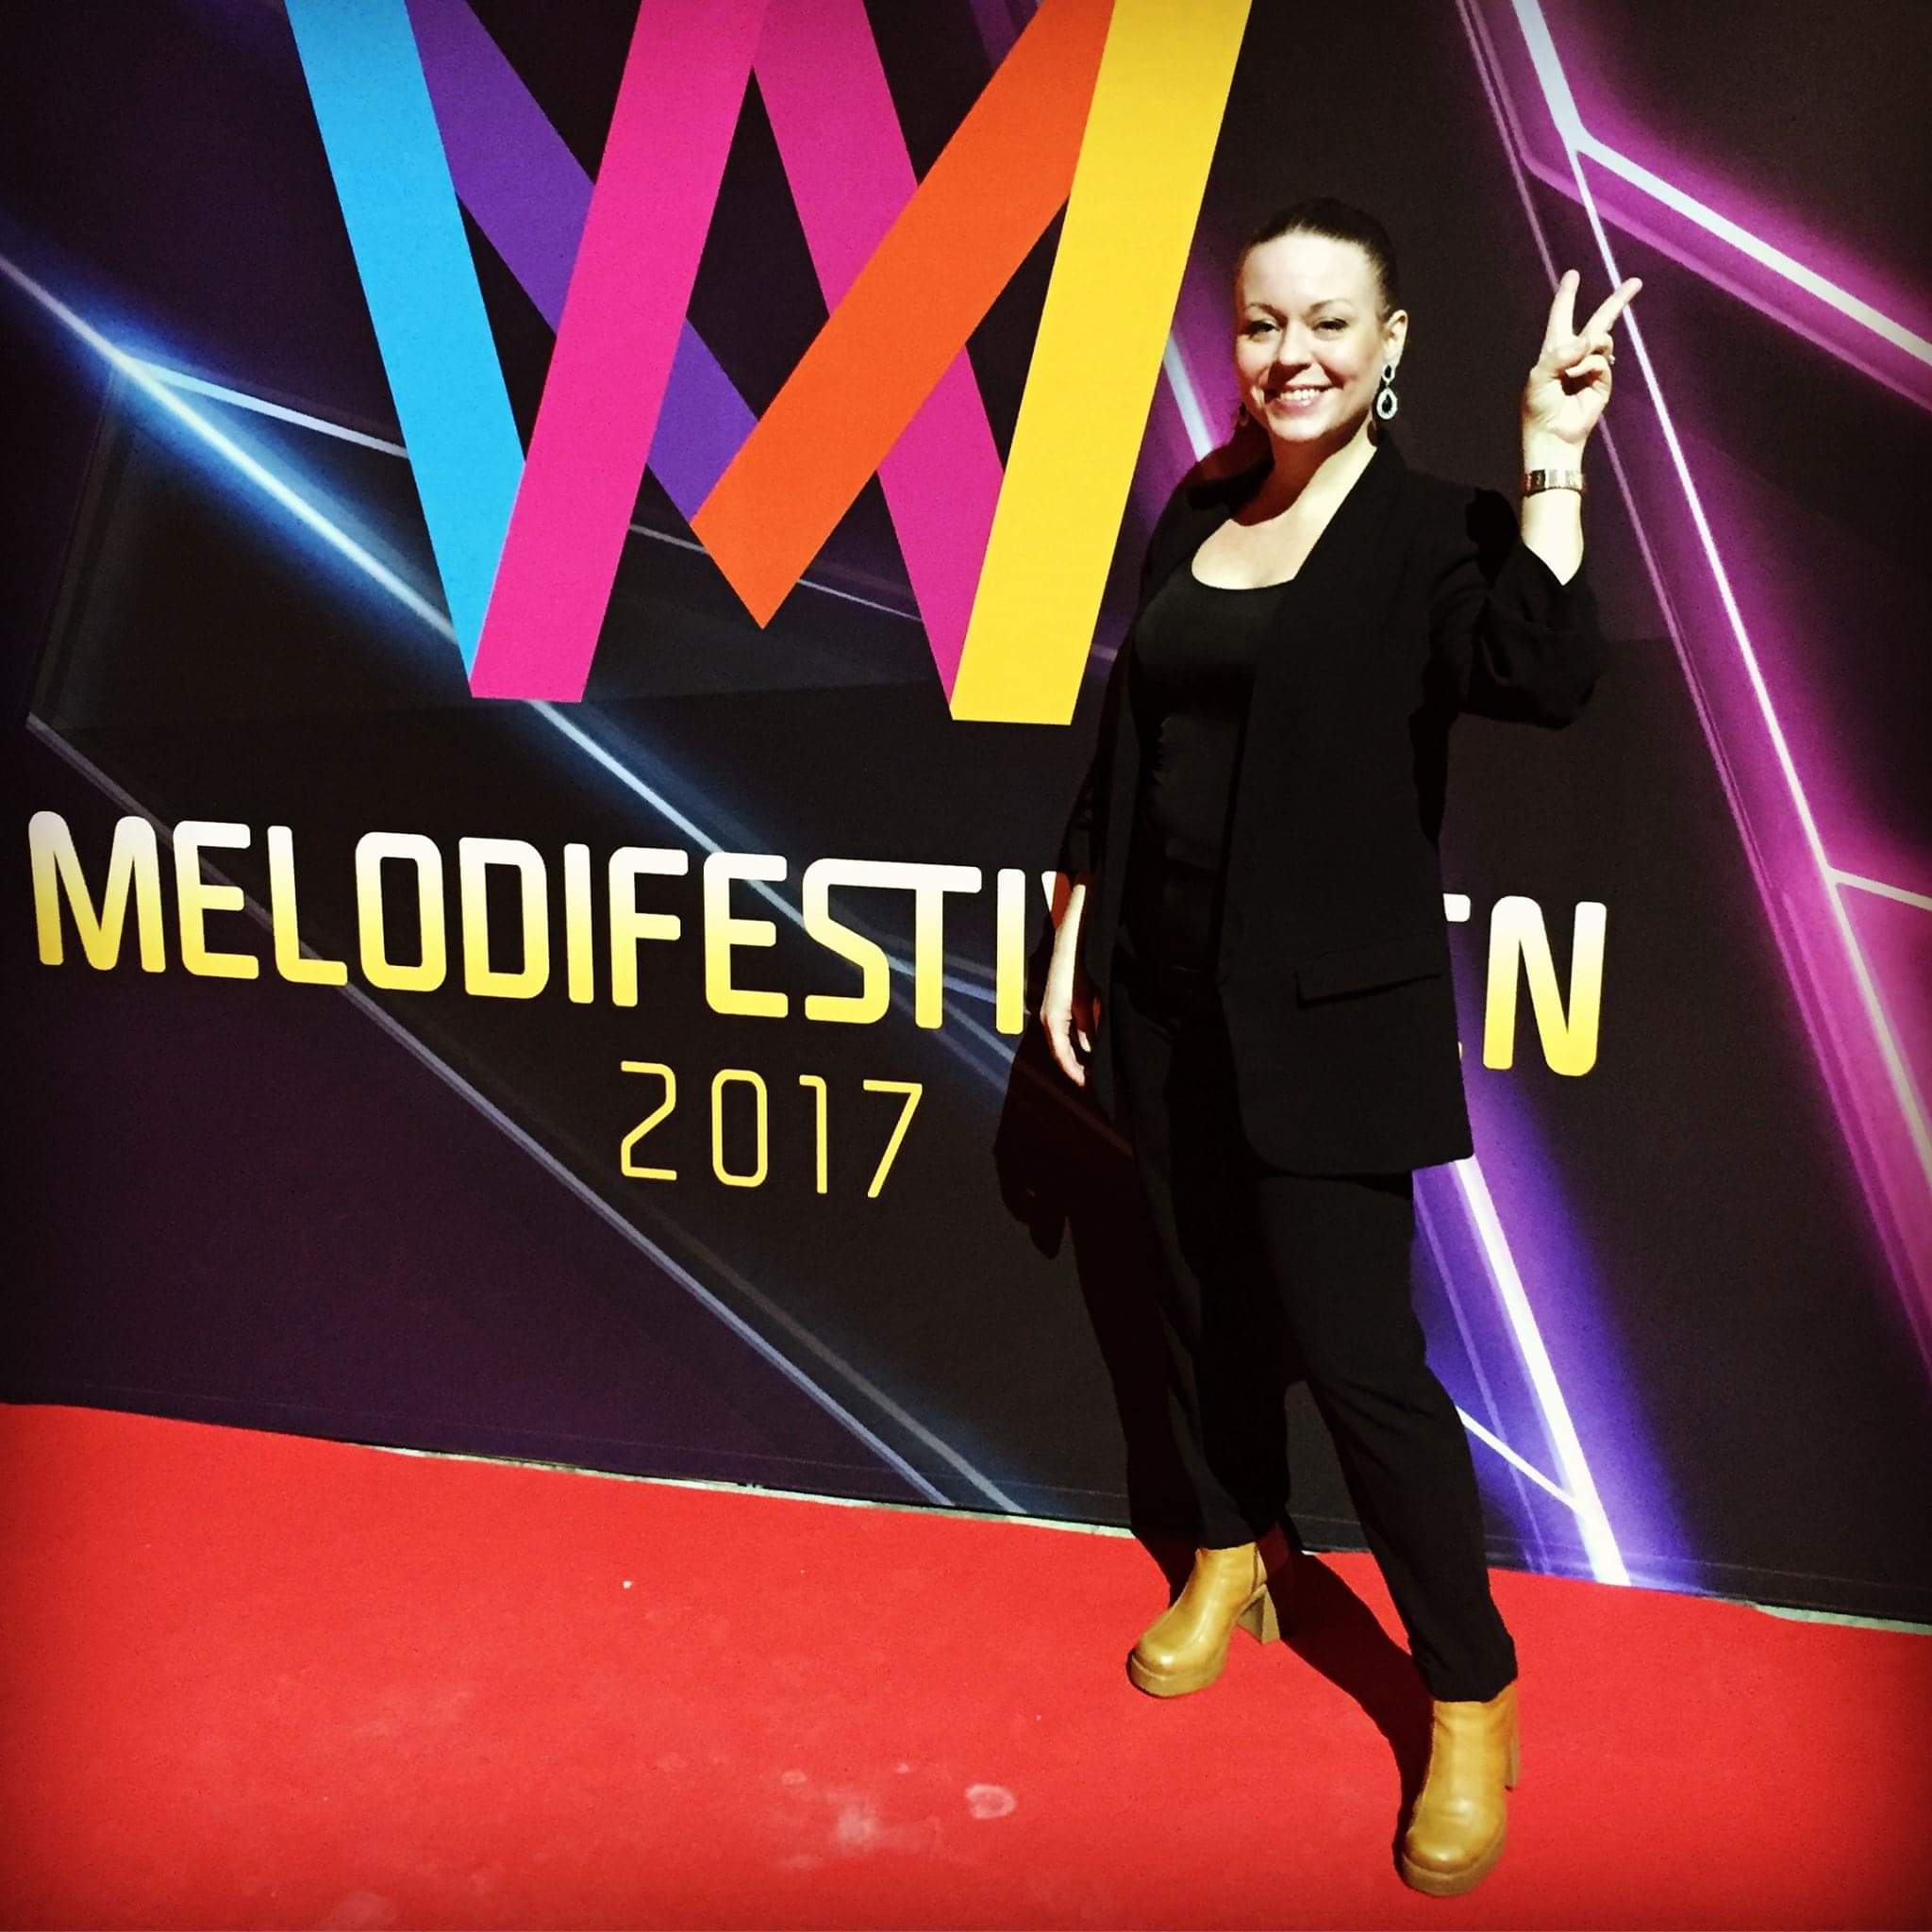 Melodifestivalen 2017.jpeg